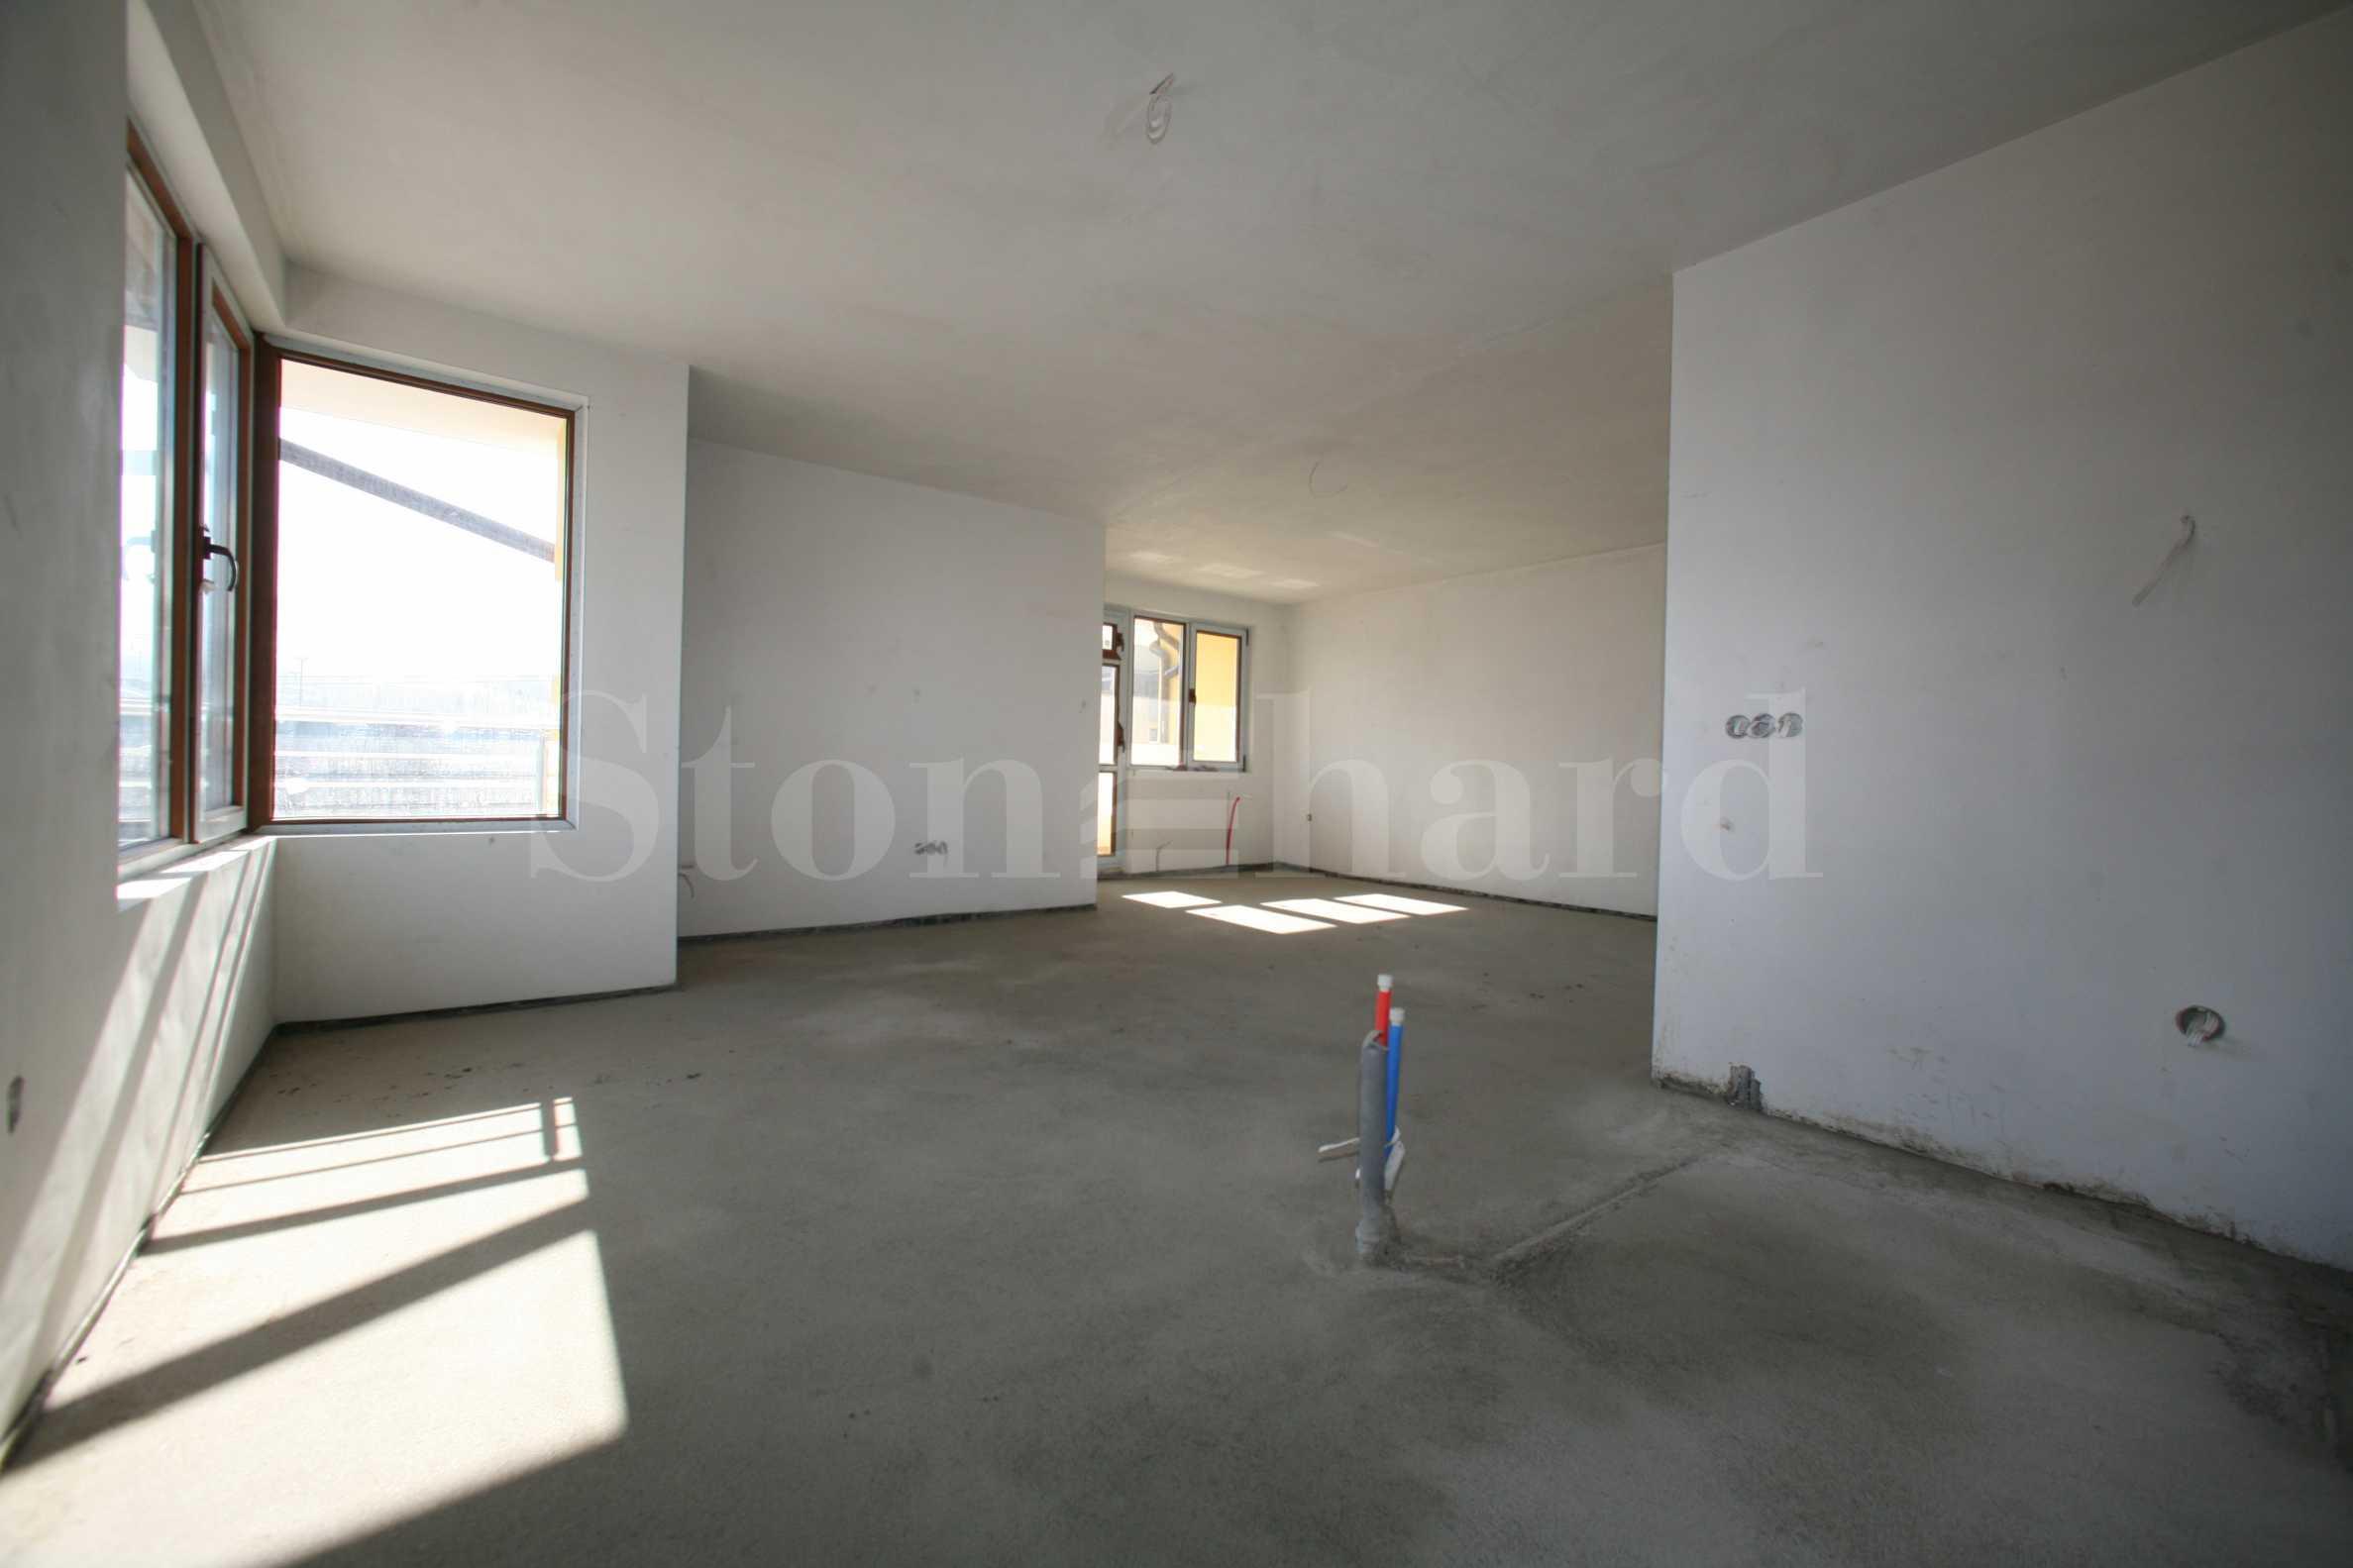 Апартаменти от 700 евро на кв.м. в затворен комплекс срещу Резиденция Бояна  2 - Stonehard